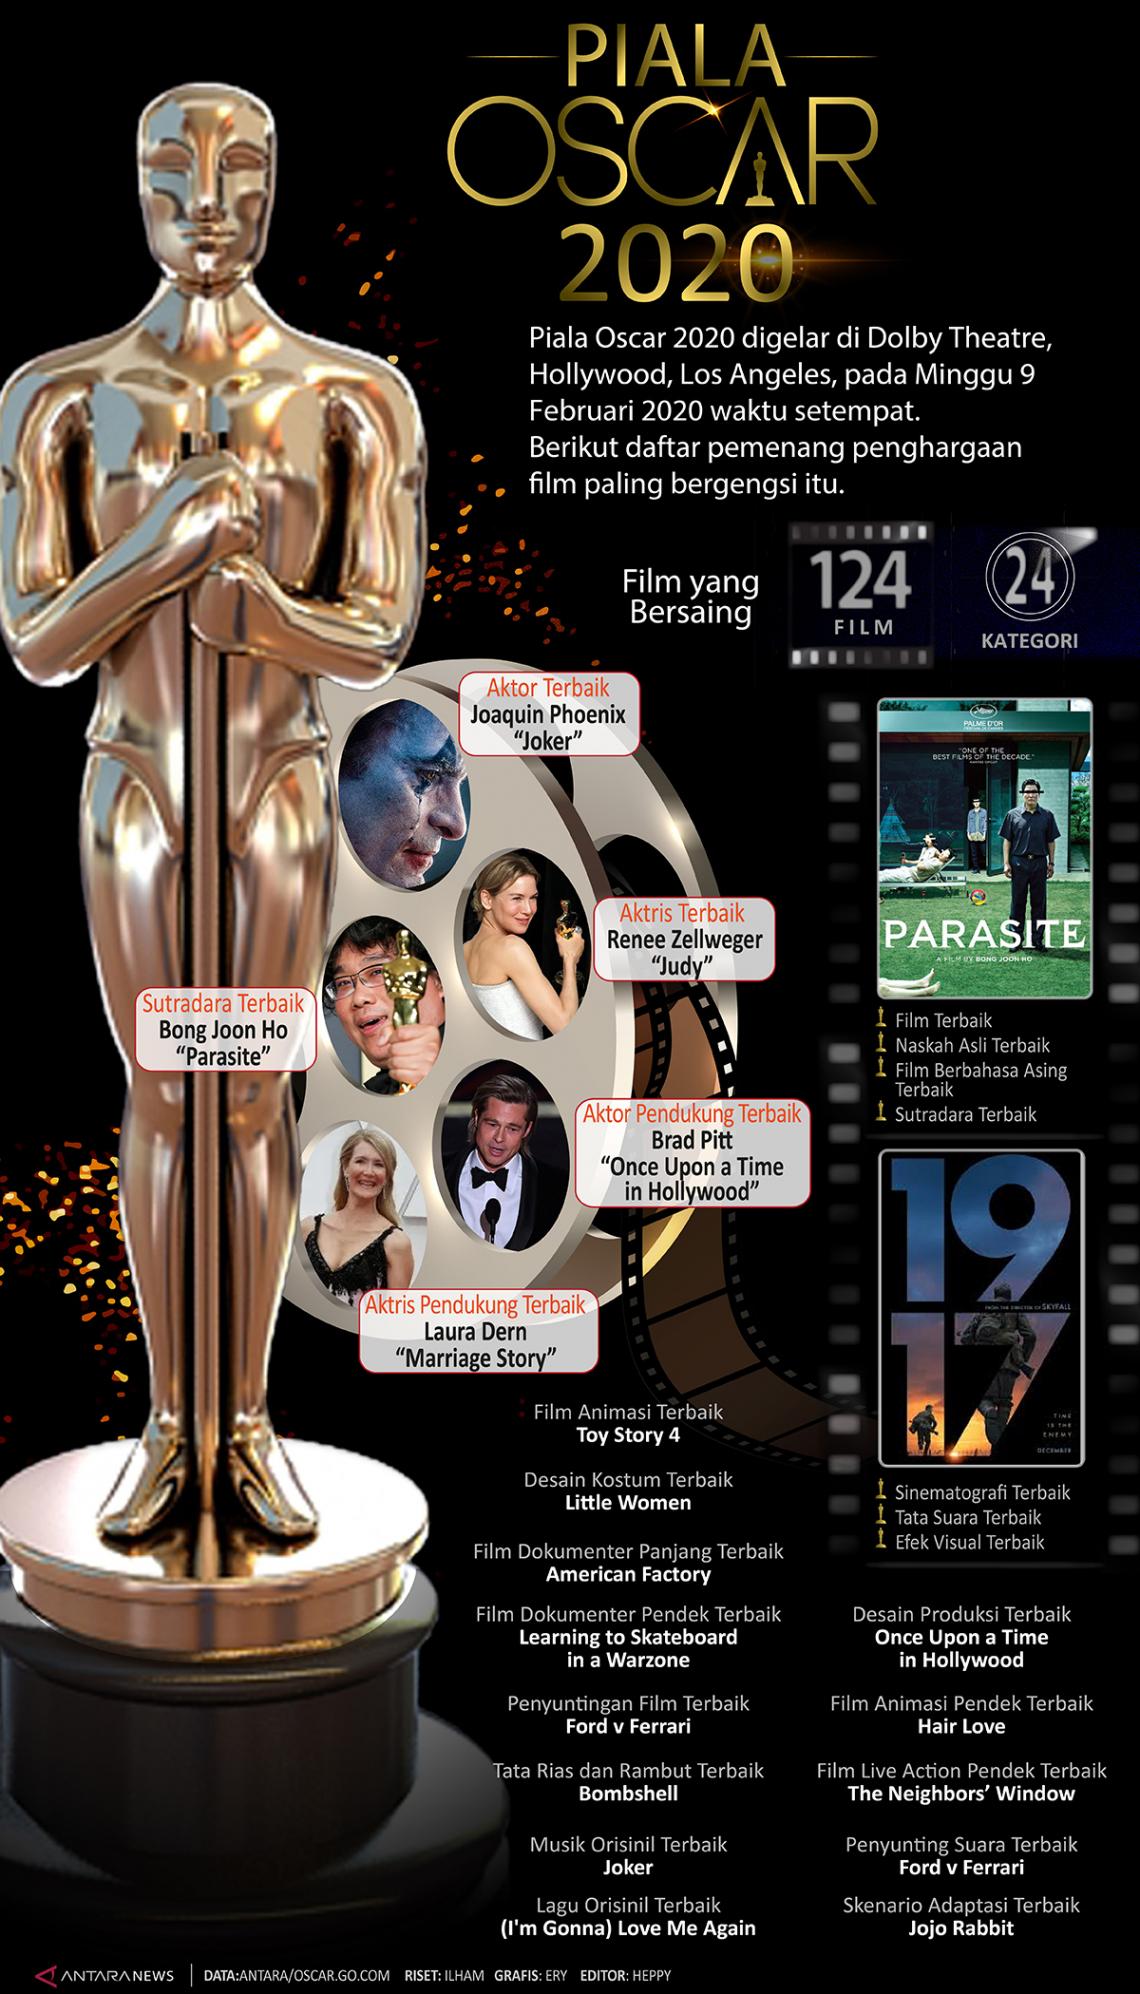 Piala Oscar 2020